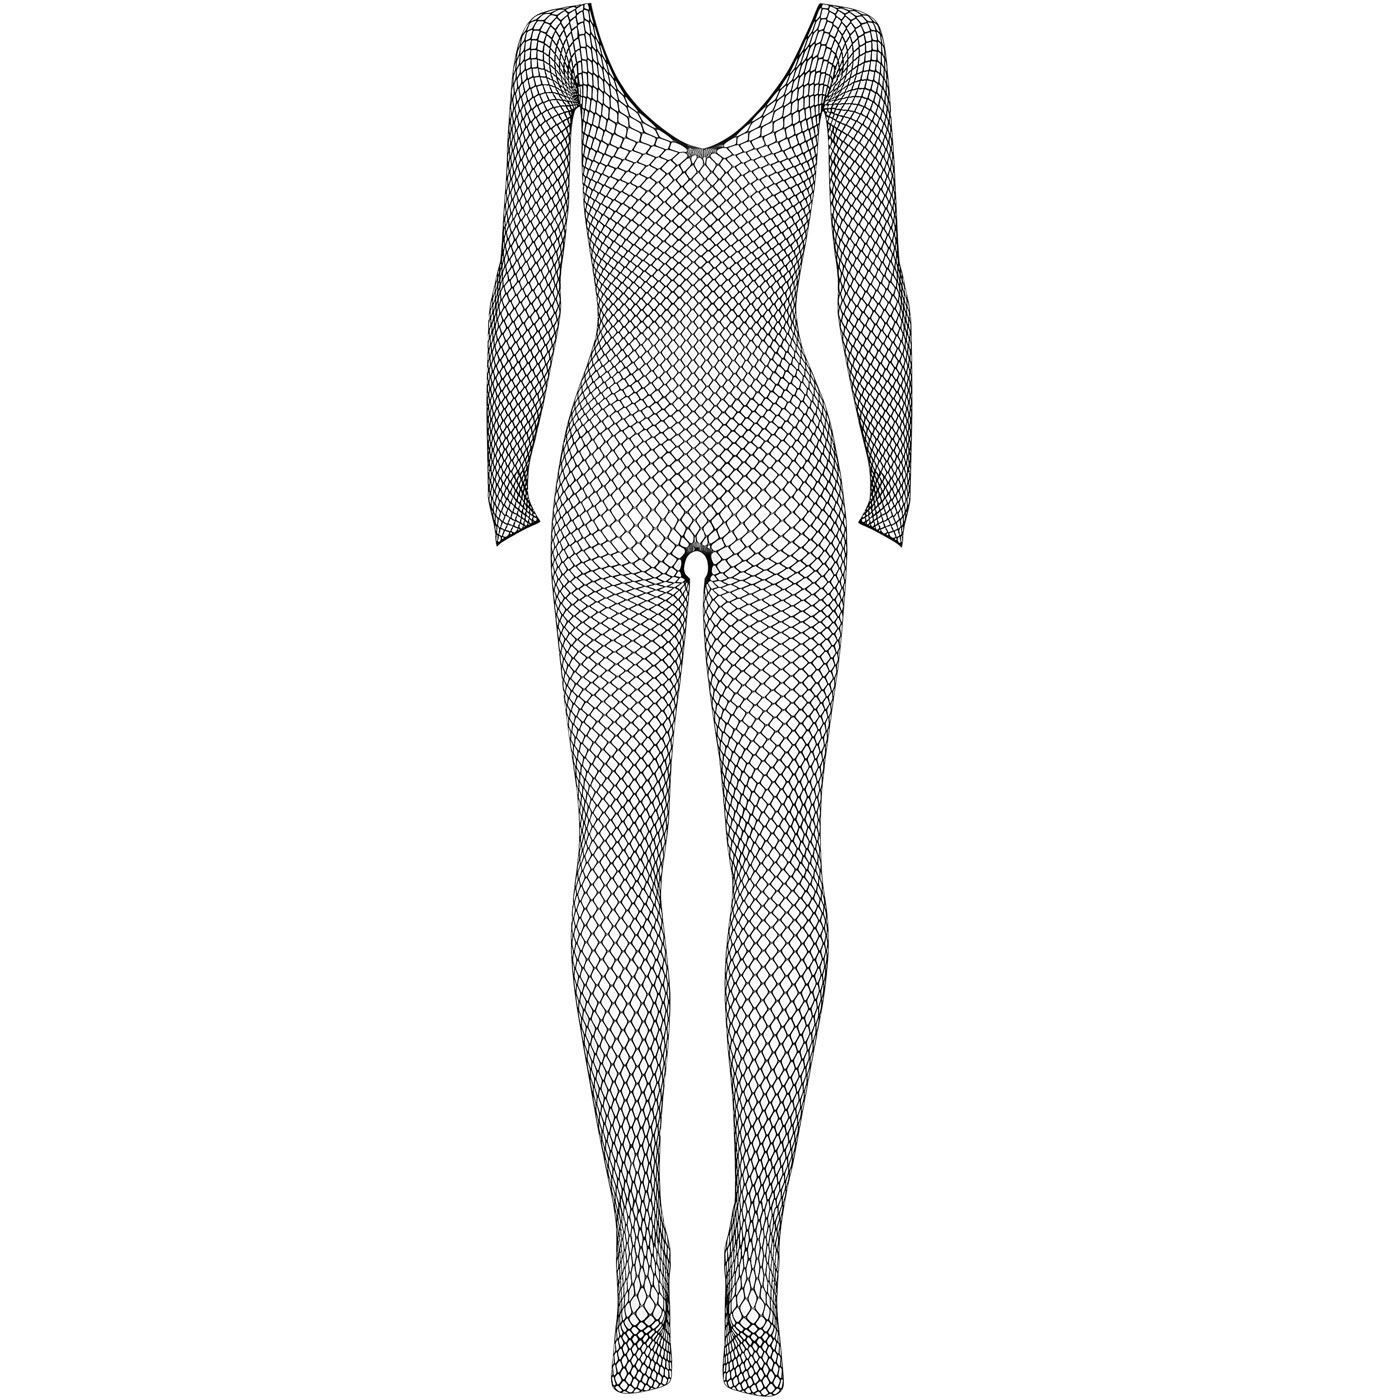 Bild av Kroppsstrumpa svart med öppen gren